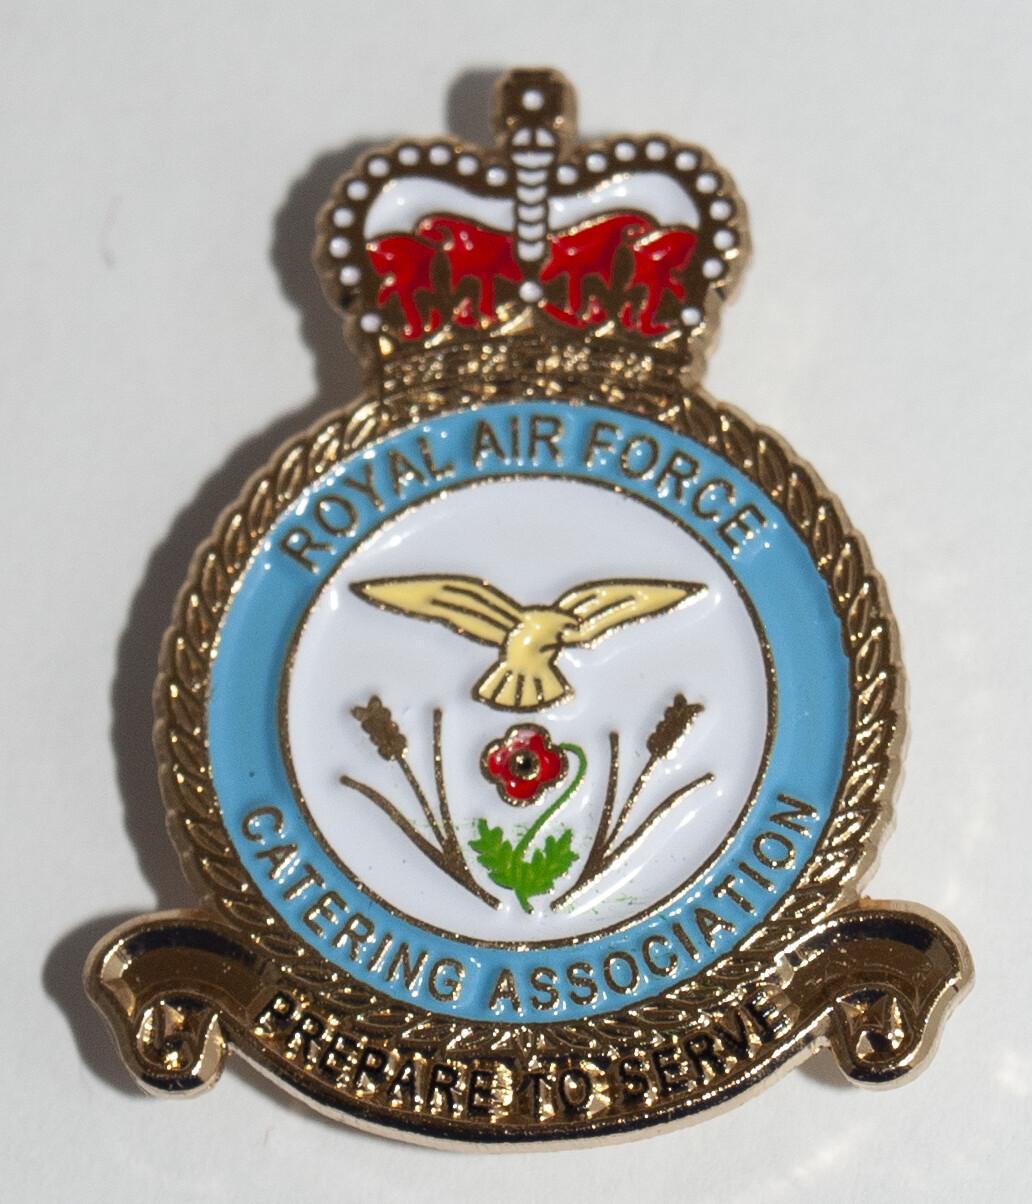 RAFCA Lapel Pin Badge Brand   Beautiful Military Enamel Pin Badge Veteran and Serving for members of Royal Air Force Catering Association    Lapel pin Remembrance Day